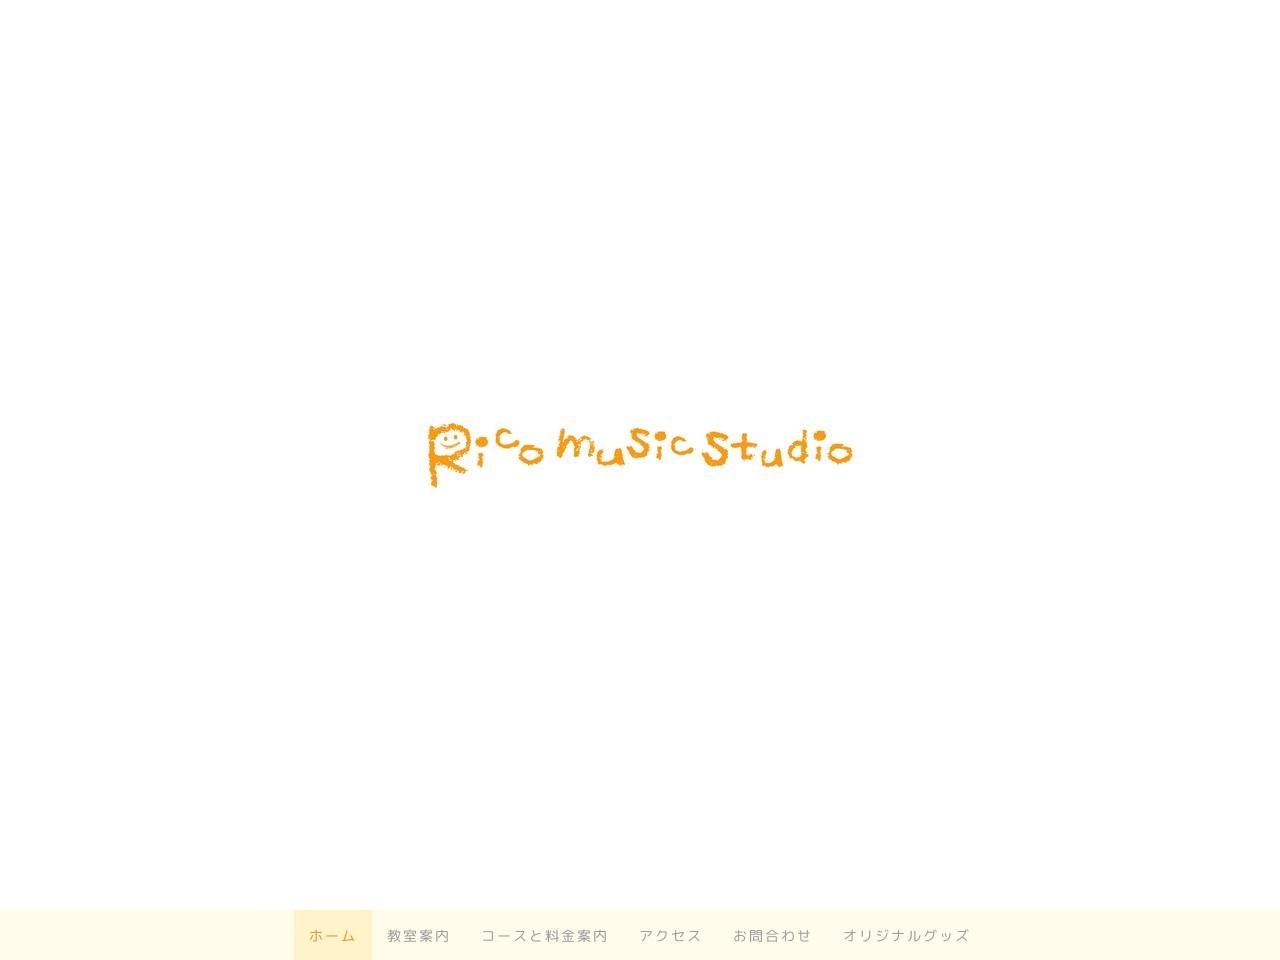 松村理子ピアノ教室のサムネイル